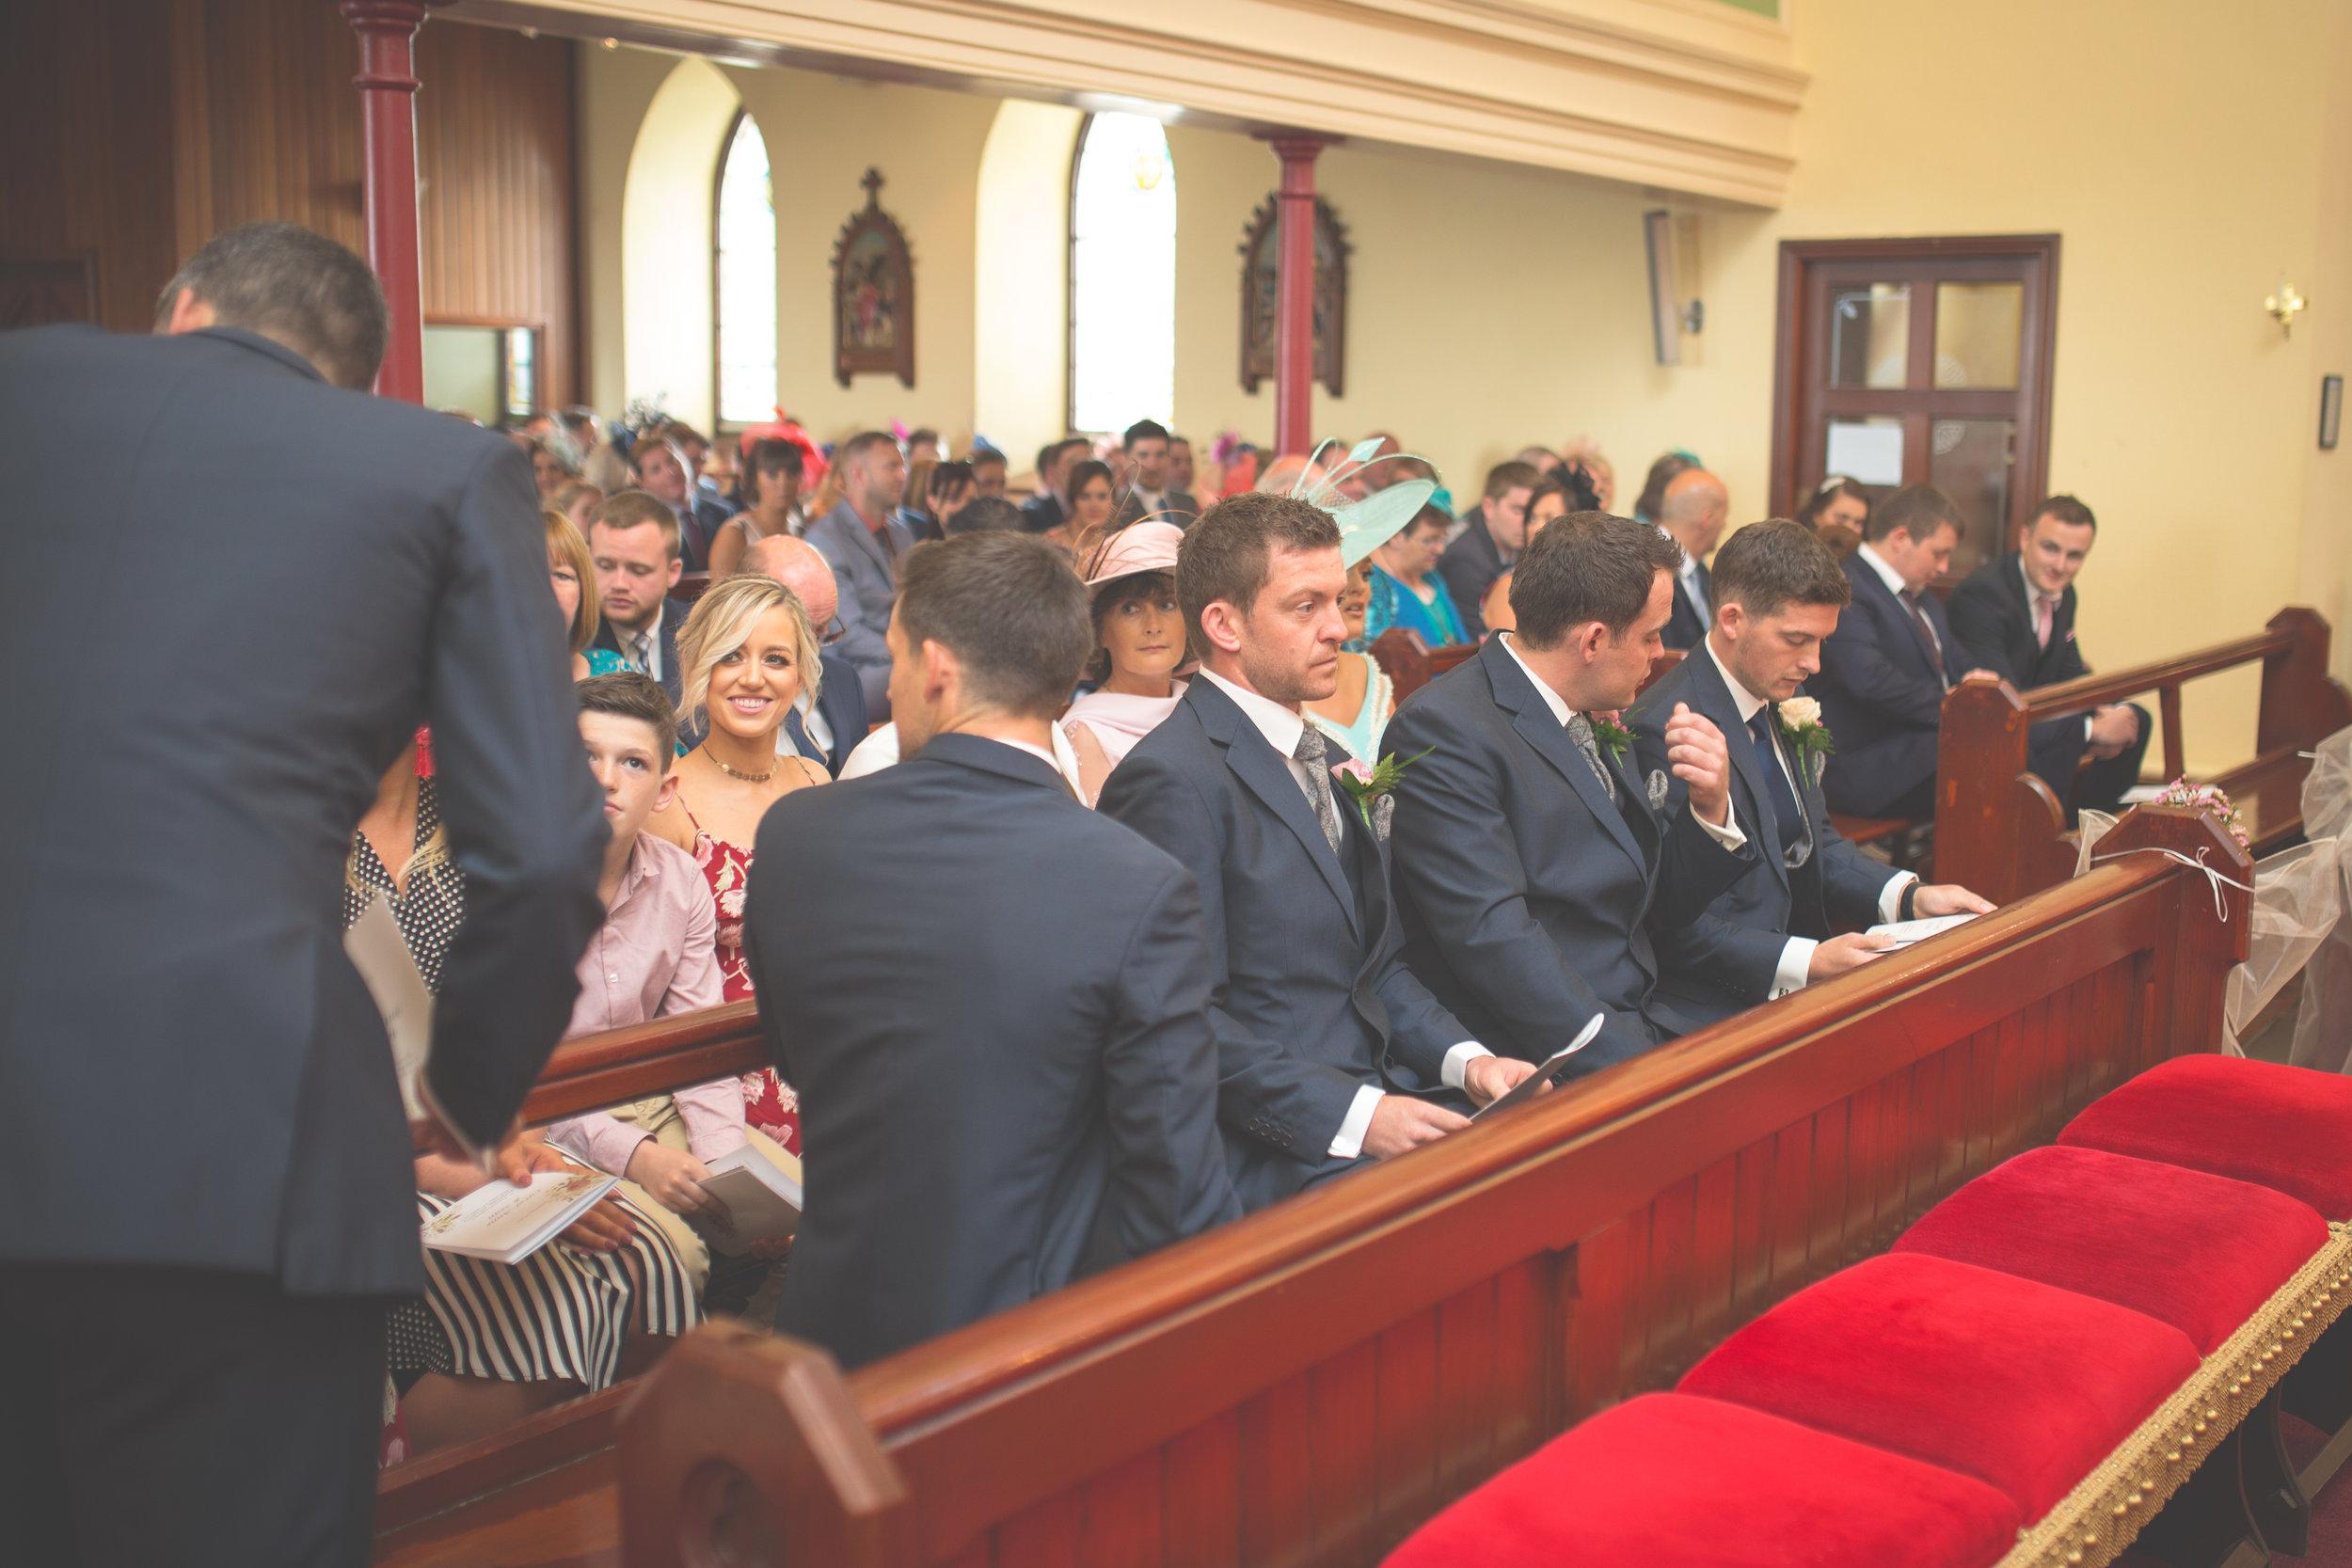 Brian McEwan Wedding Photography   Carol-Anne & Sean   The Ceremony-11.jpg